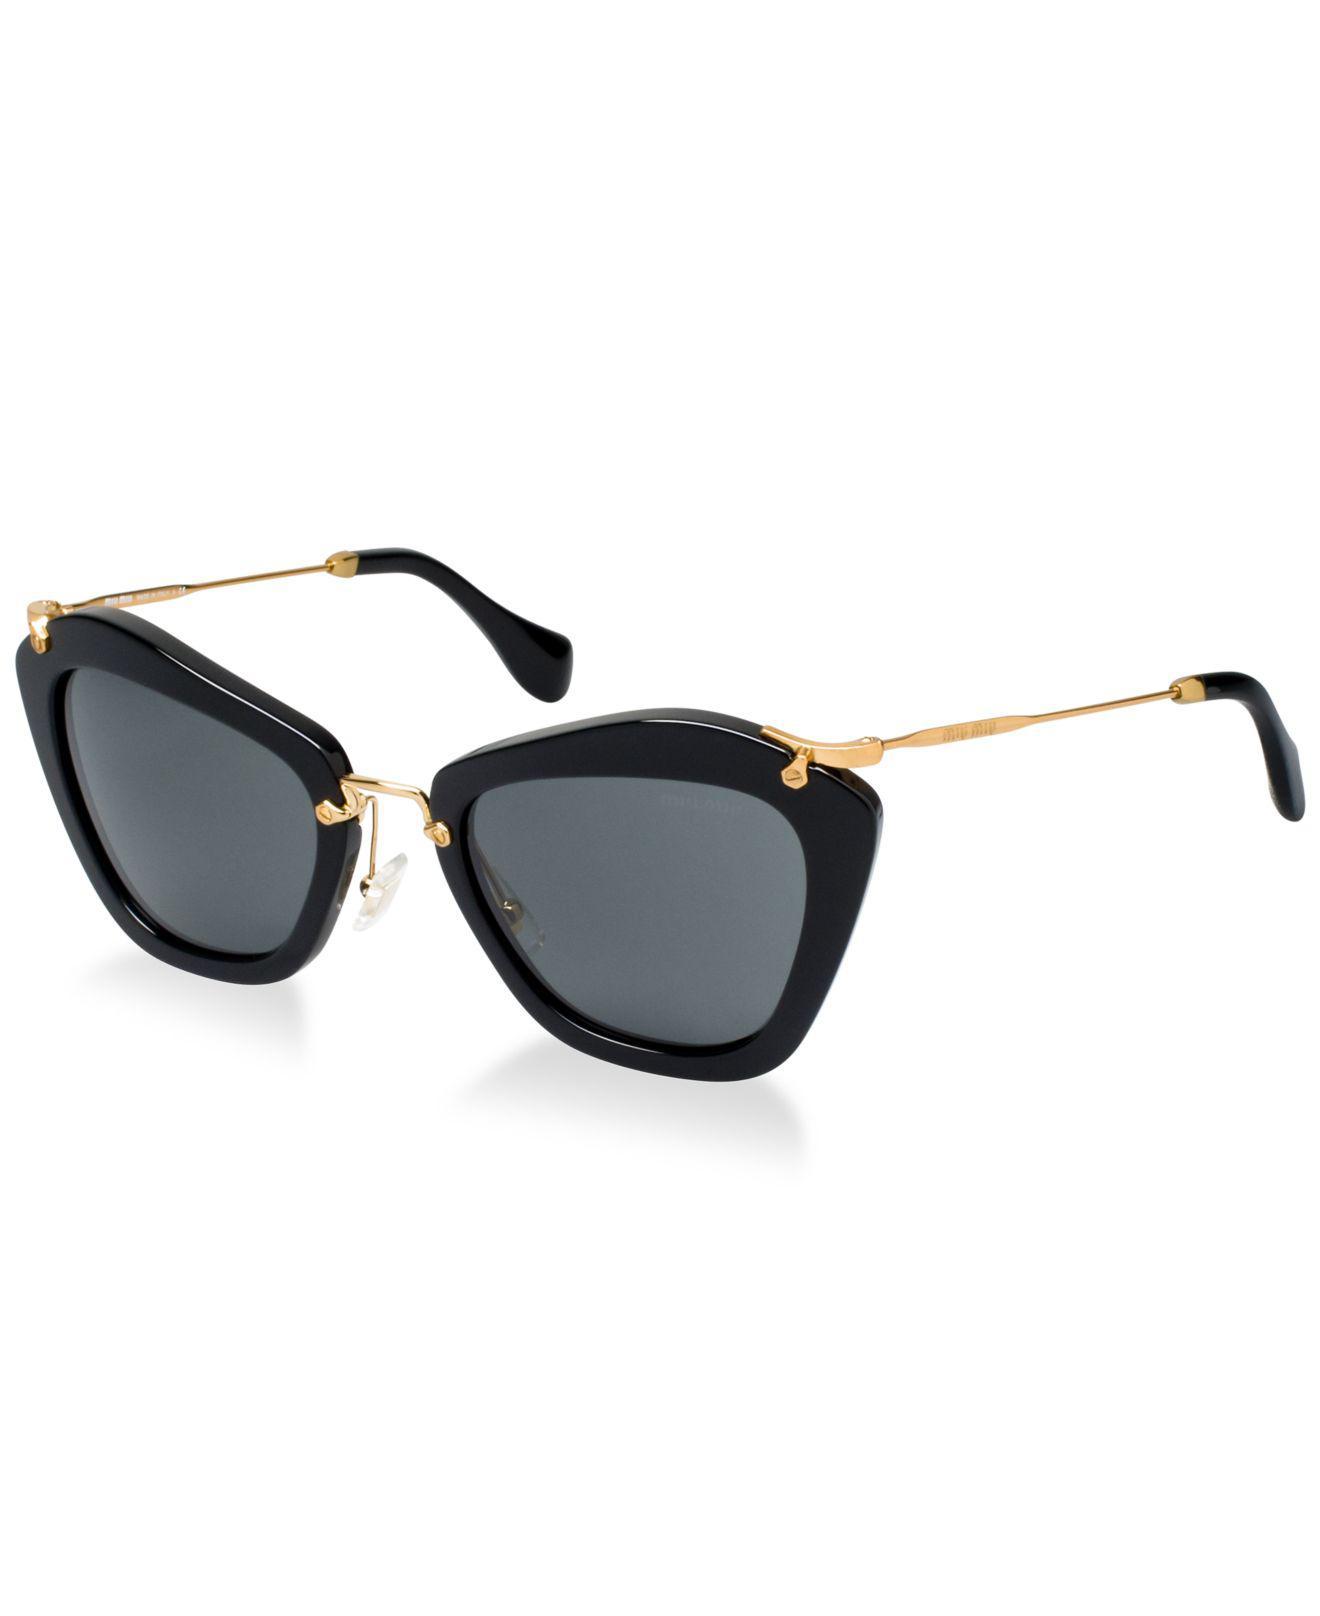 9ad177169 Miu Miu Sunglasses, Mu 10ns in Brown - Save 39% - Lyst